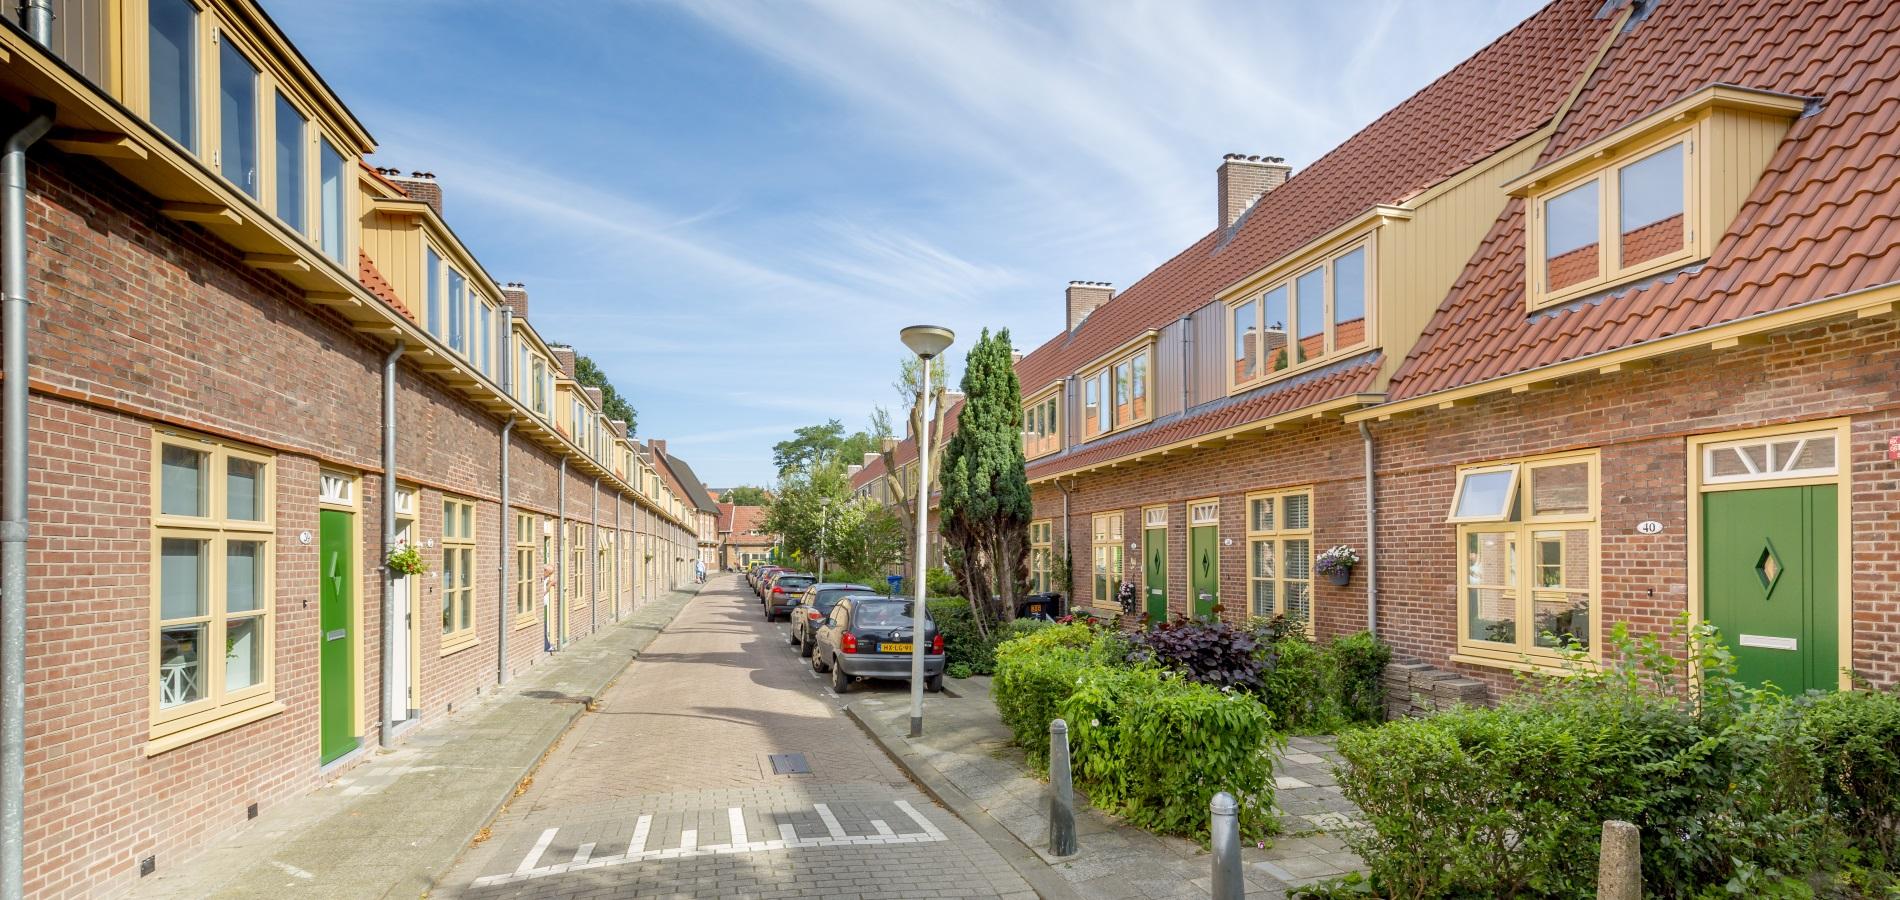 d nprz-vreewijk